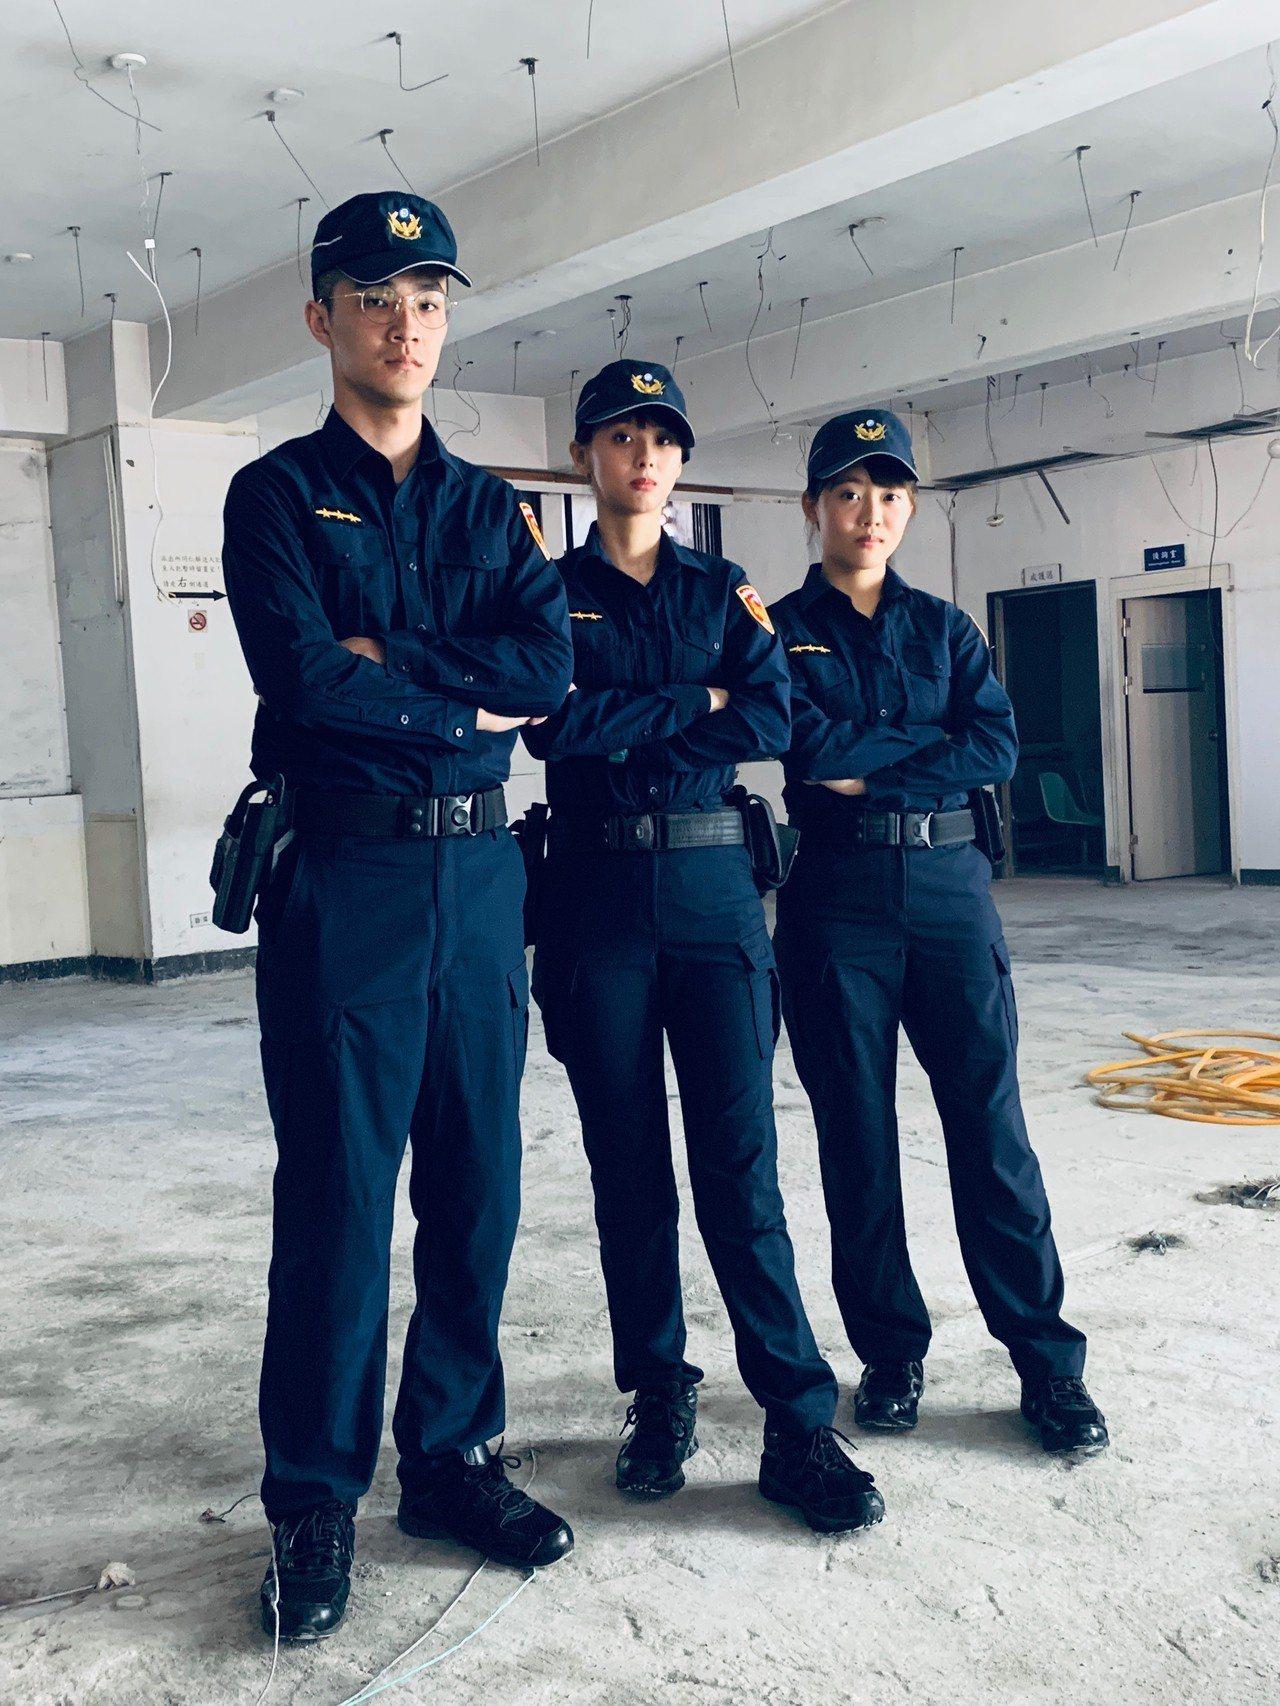 新北市警局新莊分局為展示新制服的高延展與靈活性,派出警員林柔均、李玟庭和陶建翔一...